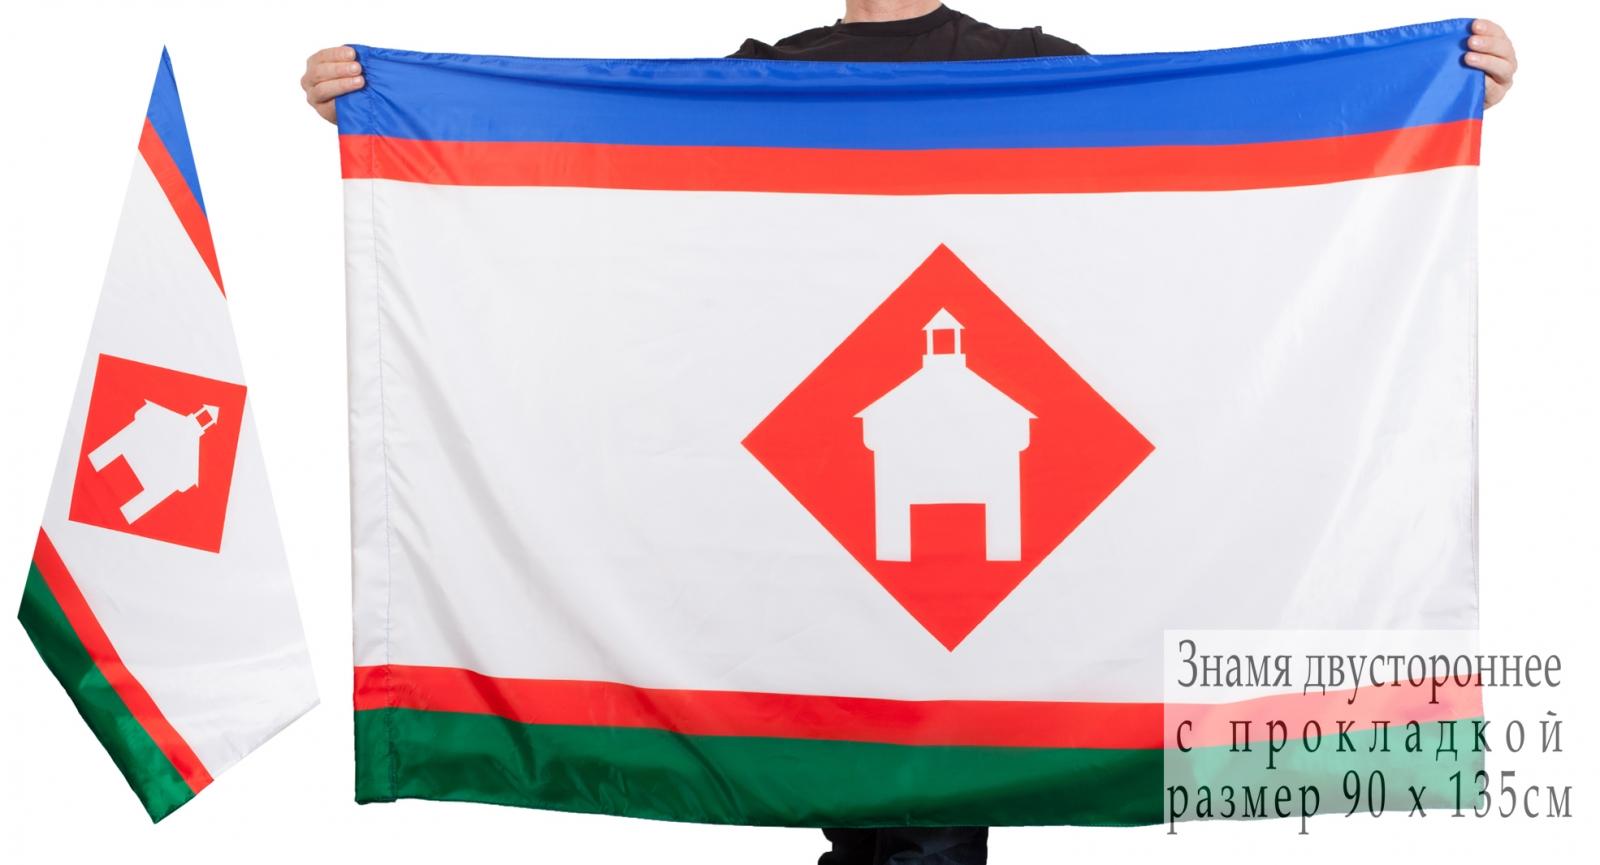 Двухсторонний флаг Якутска